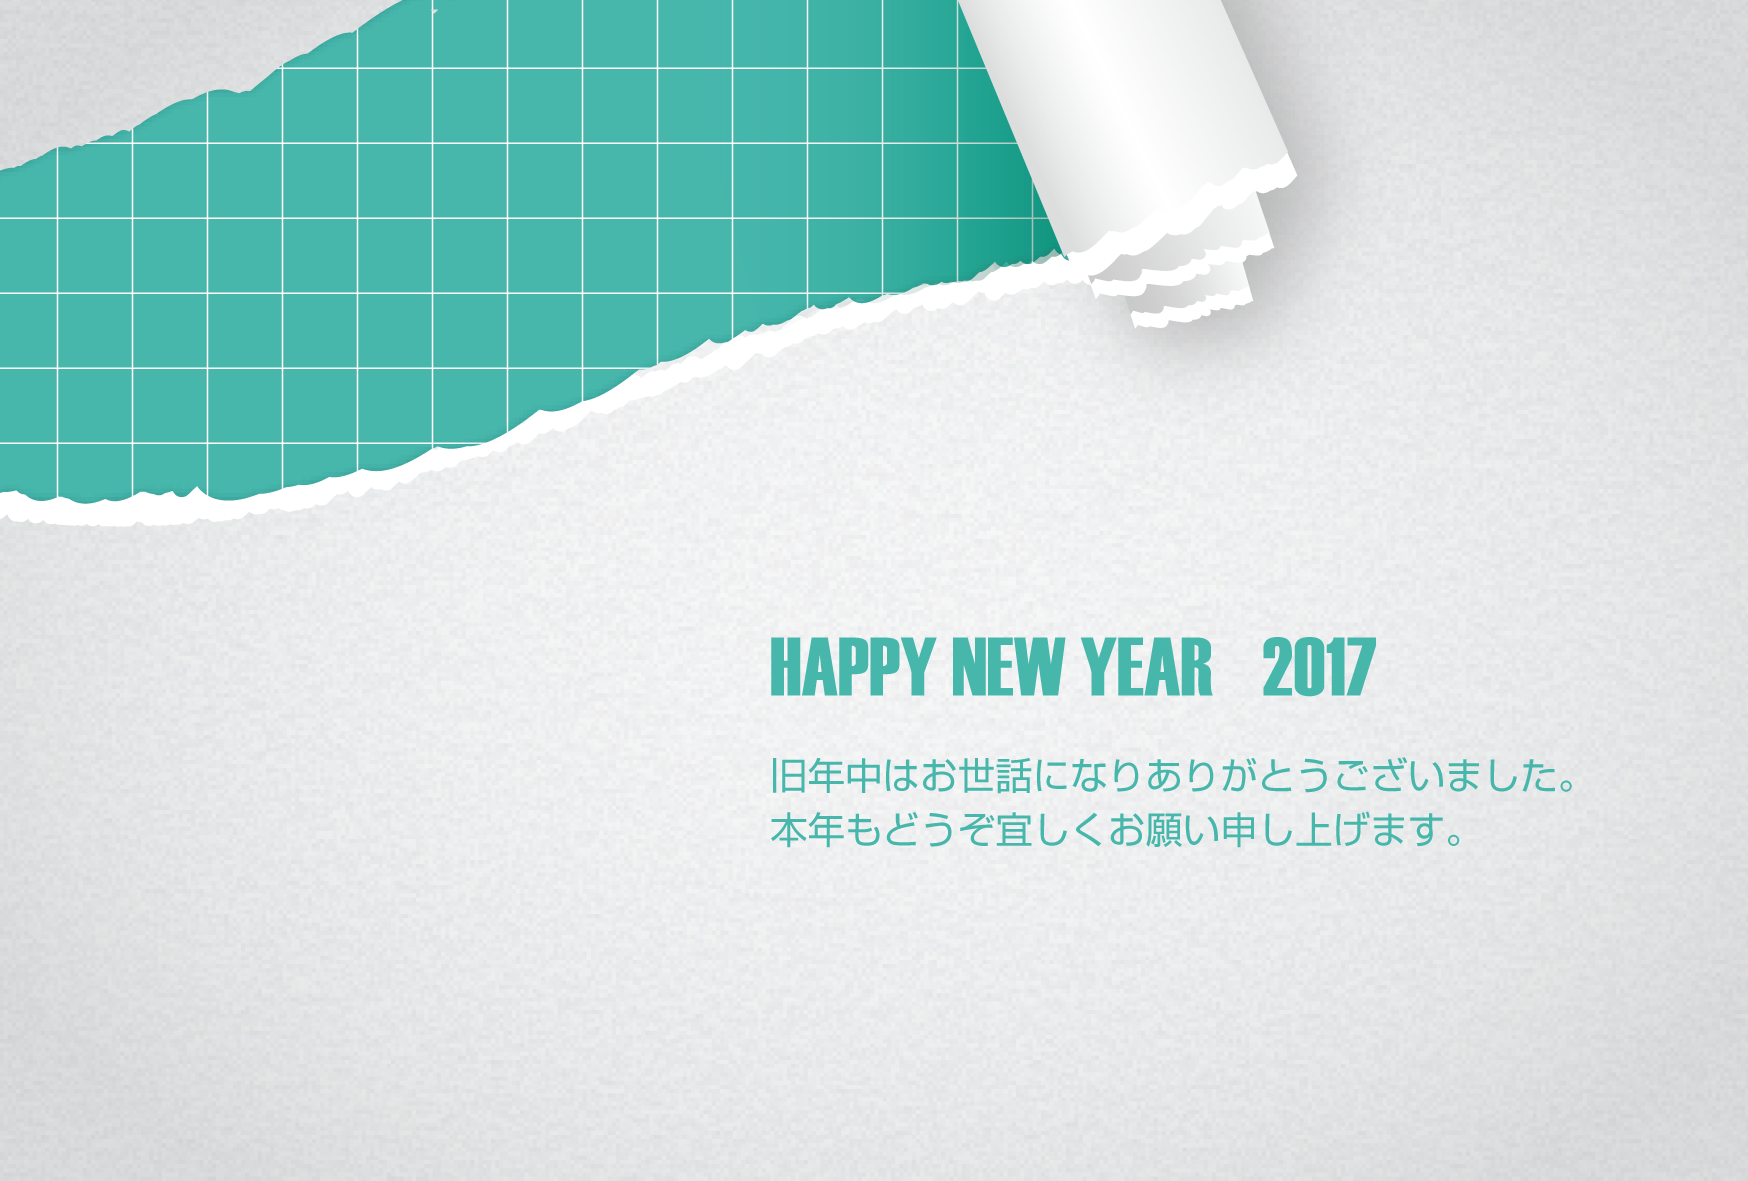 無料 デザイン年賀状 シンプル